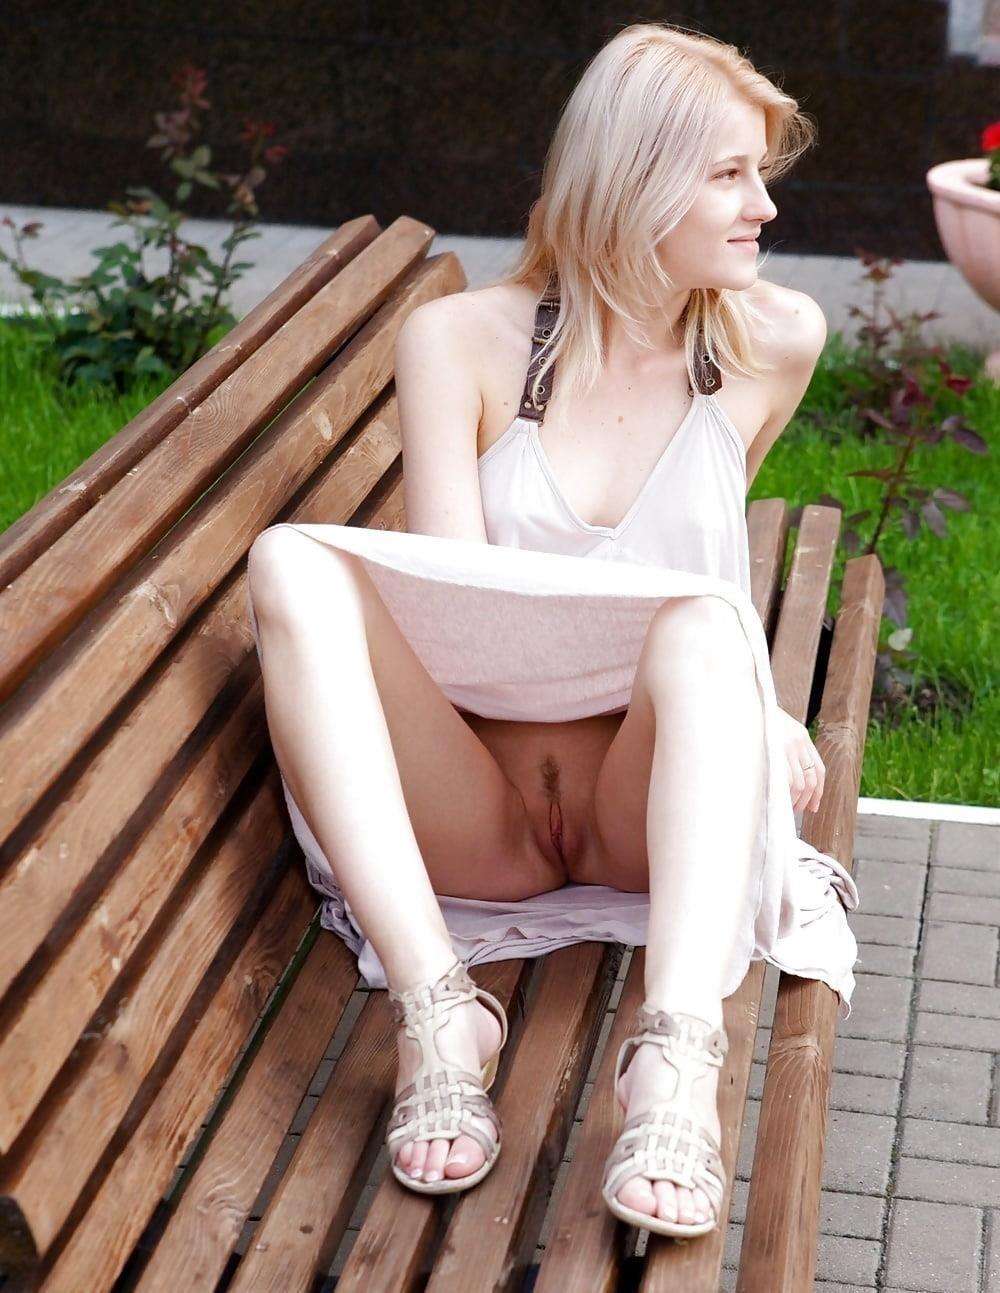 Public up skirt no panties-3308